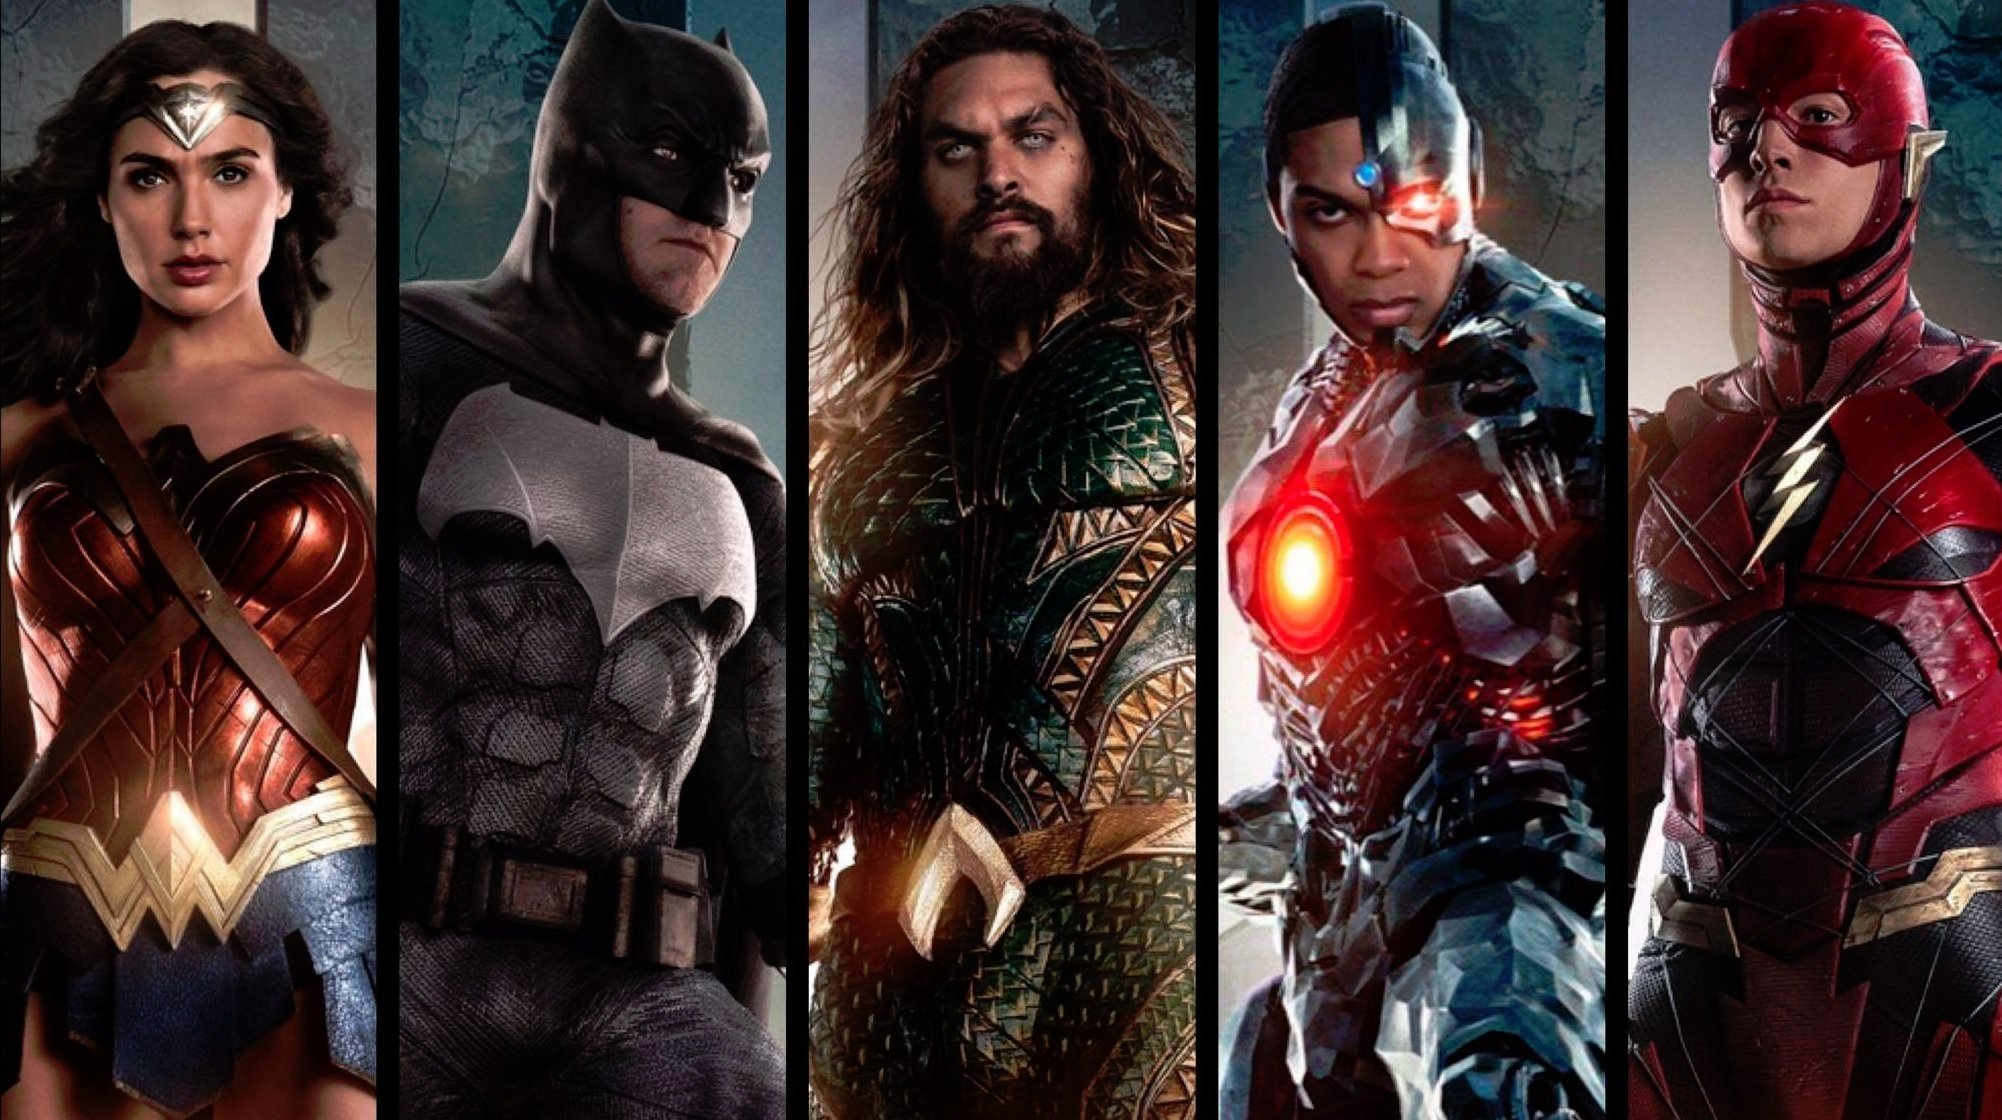 Photo du film Justice League avec l'équipe